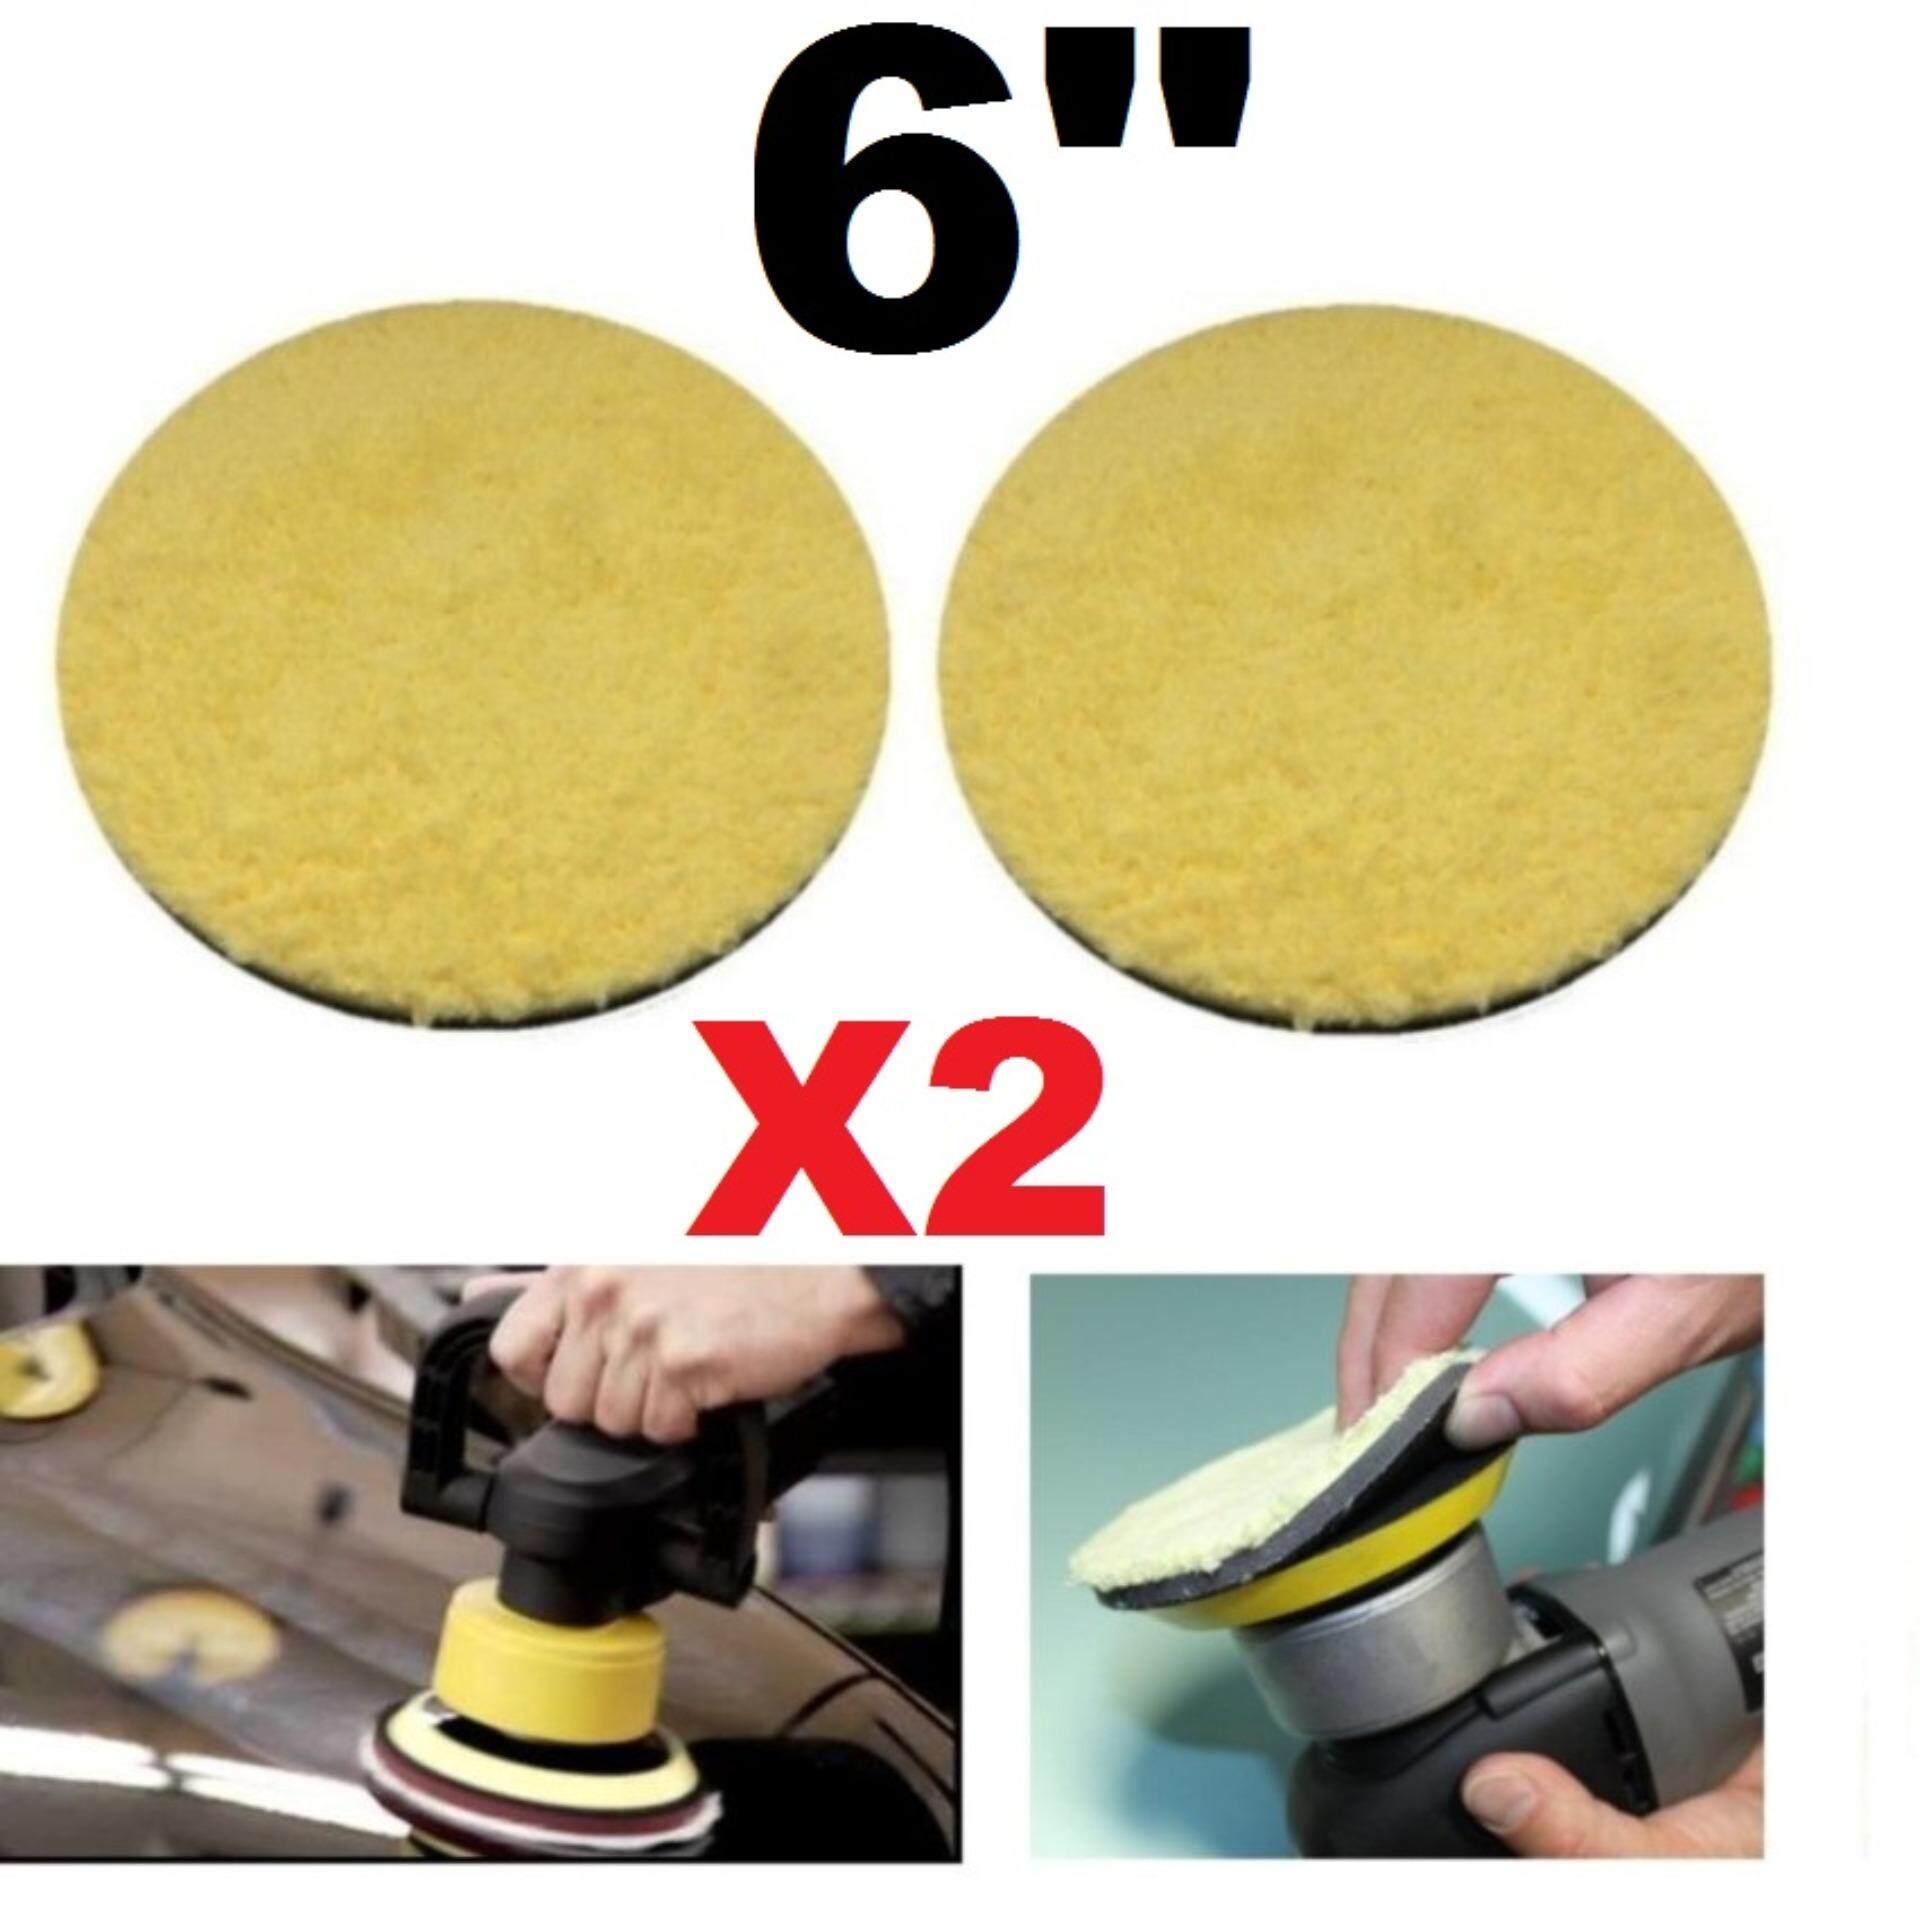 ราคา X2ชิ้น แผ่นไมโครไฟเบอร์ขนาด 6 นิ้ว แพคคู่ ใช้กับเครื่องขัดสีรถ Microfiber Polishing Sponge Pad 6Inch Itp ออนไลน์